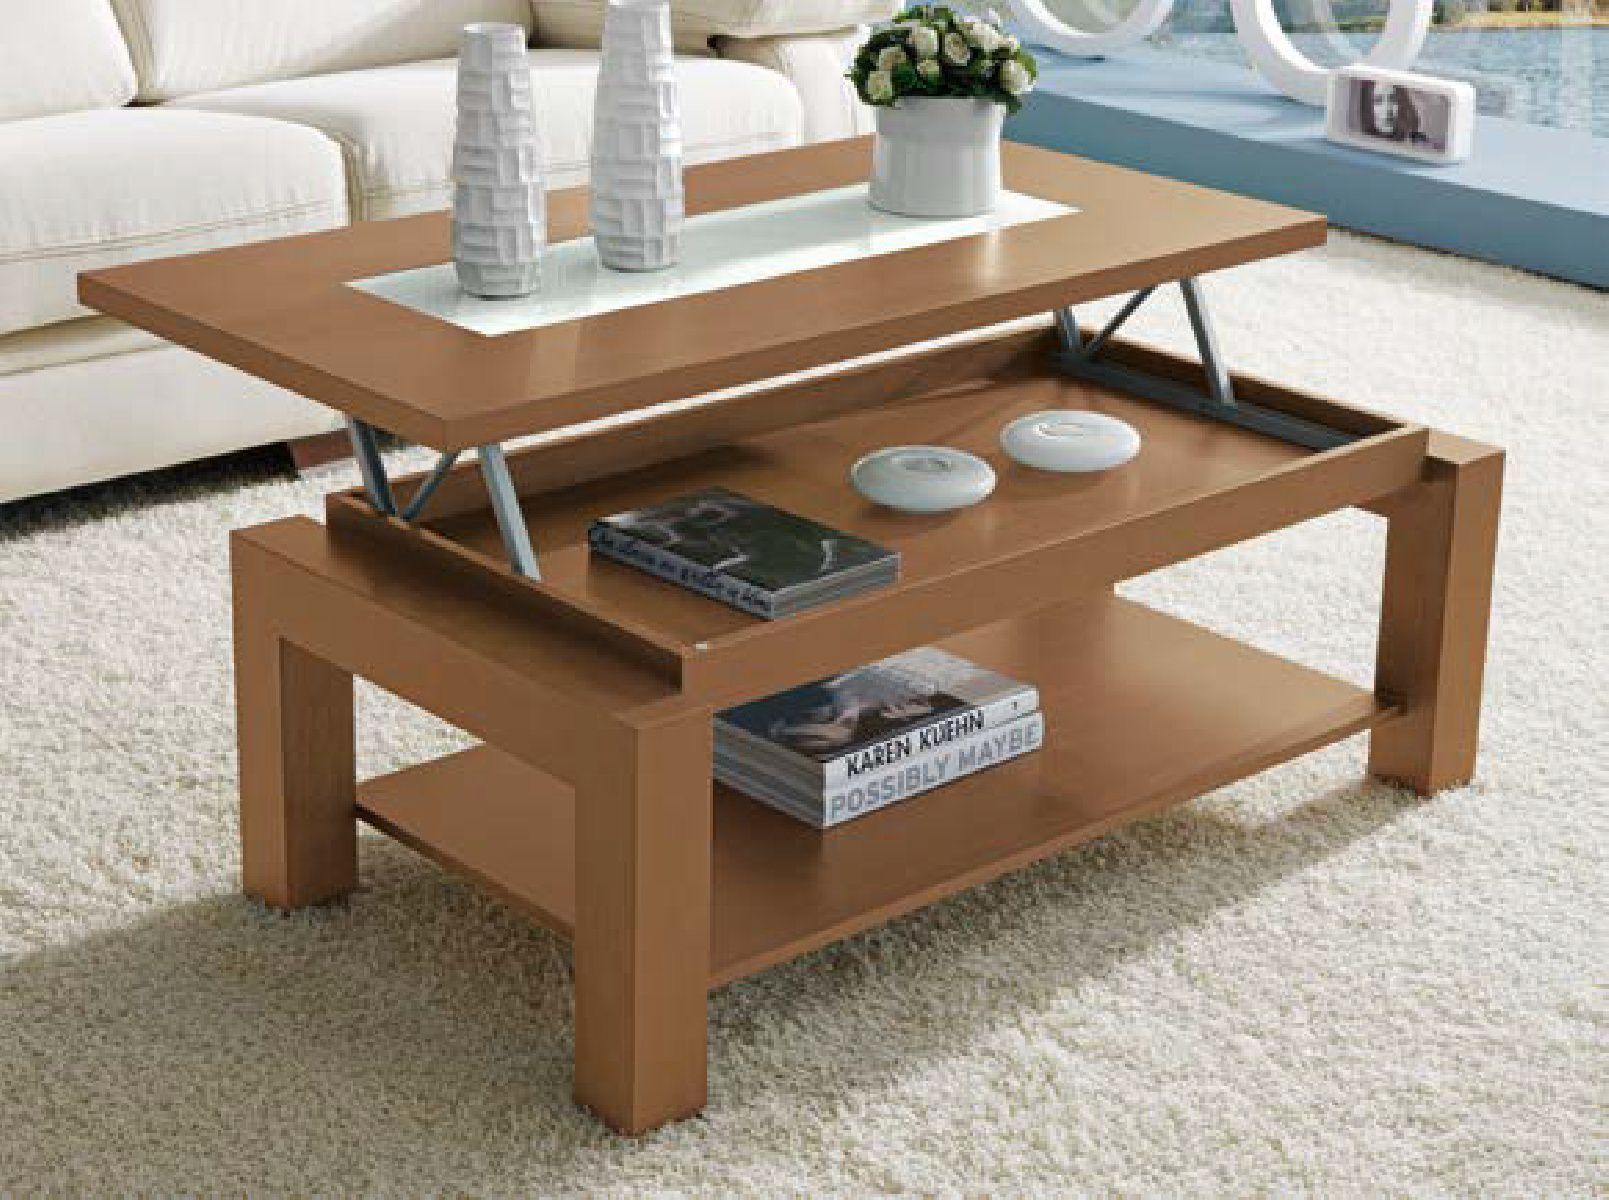 Журнальный стол прямоугольный 205 Disemobel